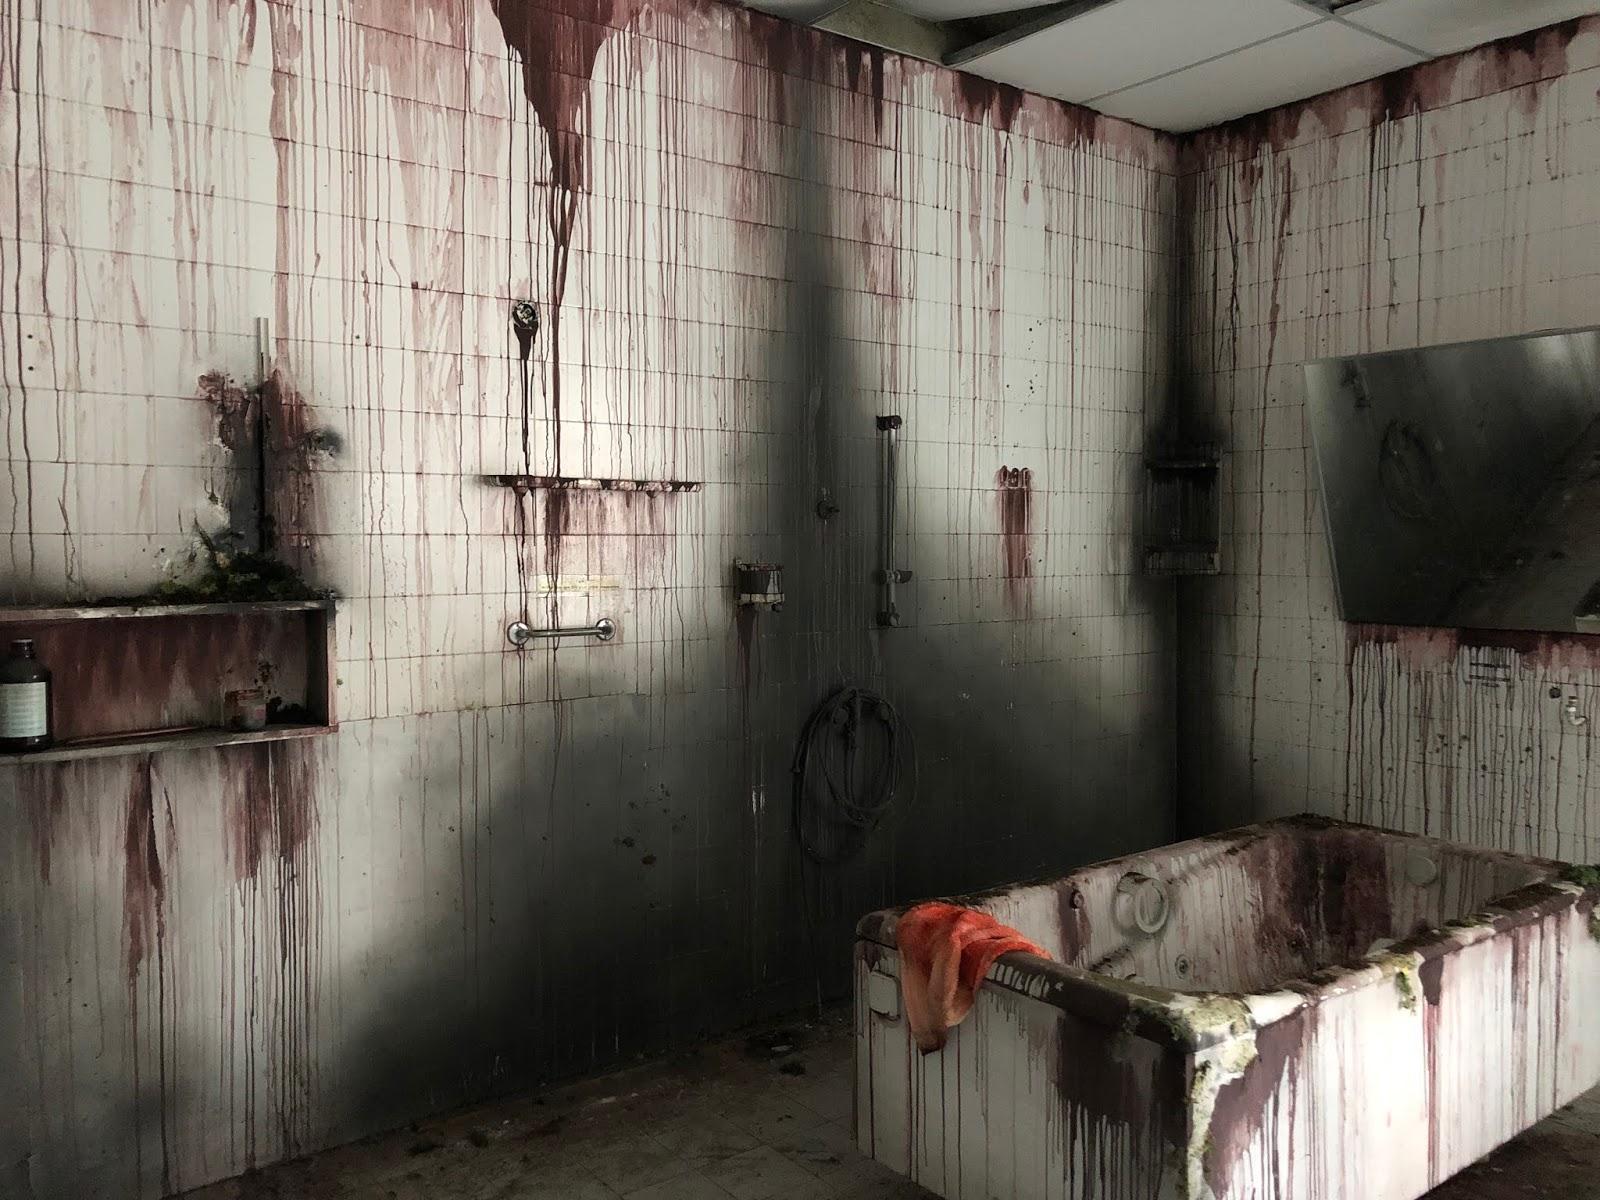 Viajando como loca: El Hospital del Tórax